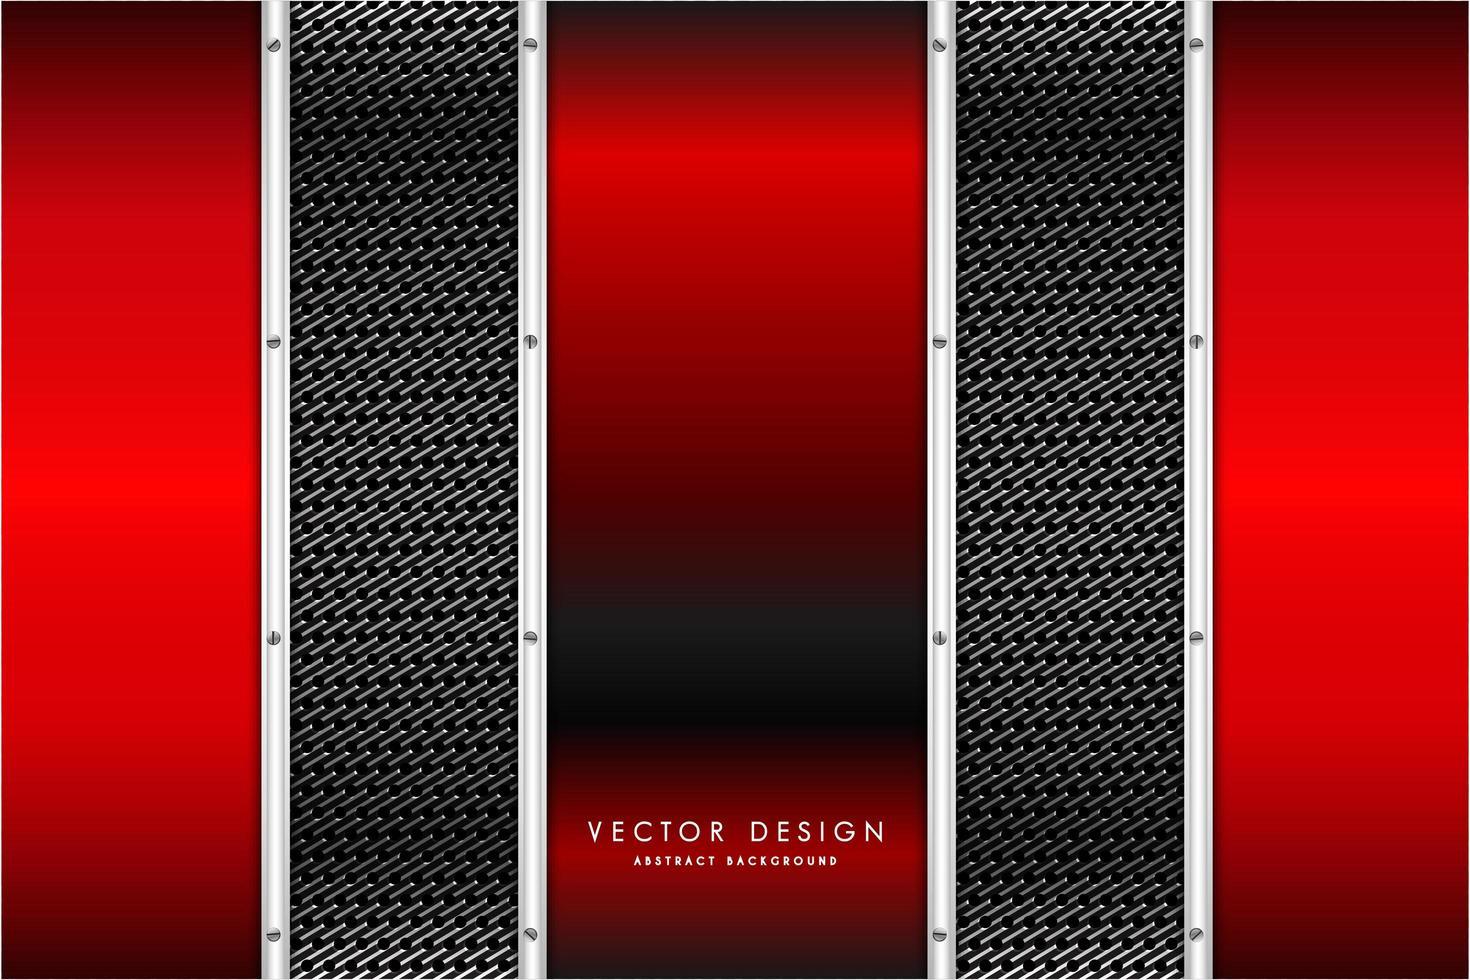 Metallic red vertical panels over carbon fiber texture vector